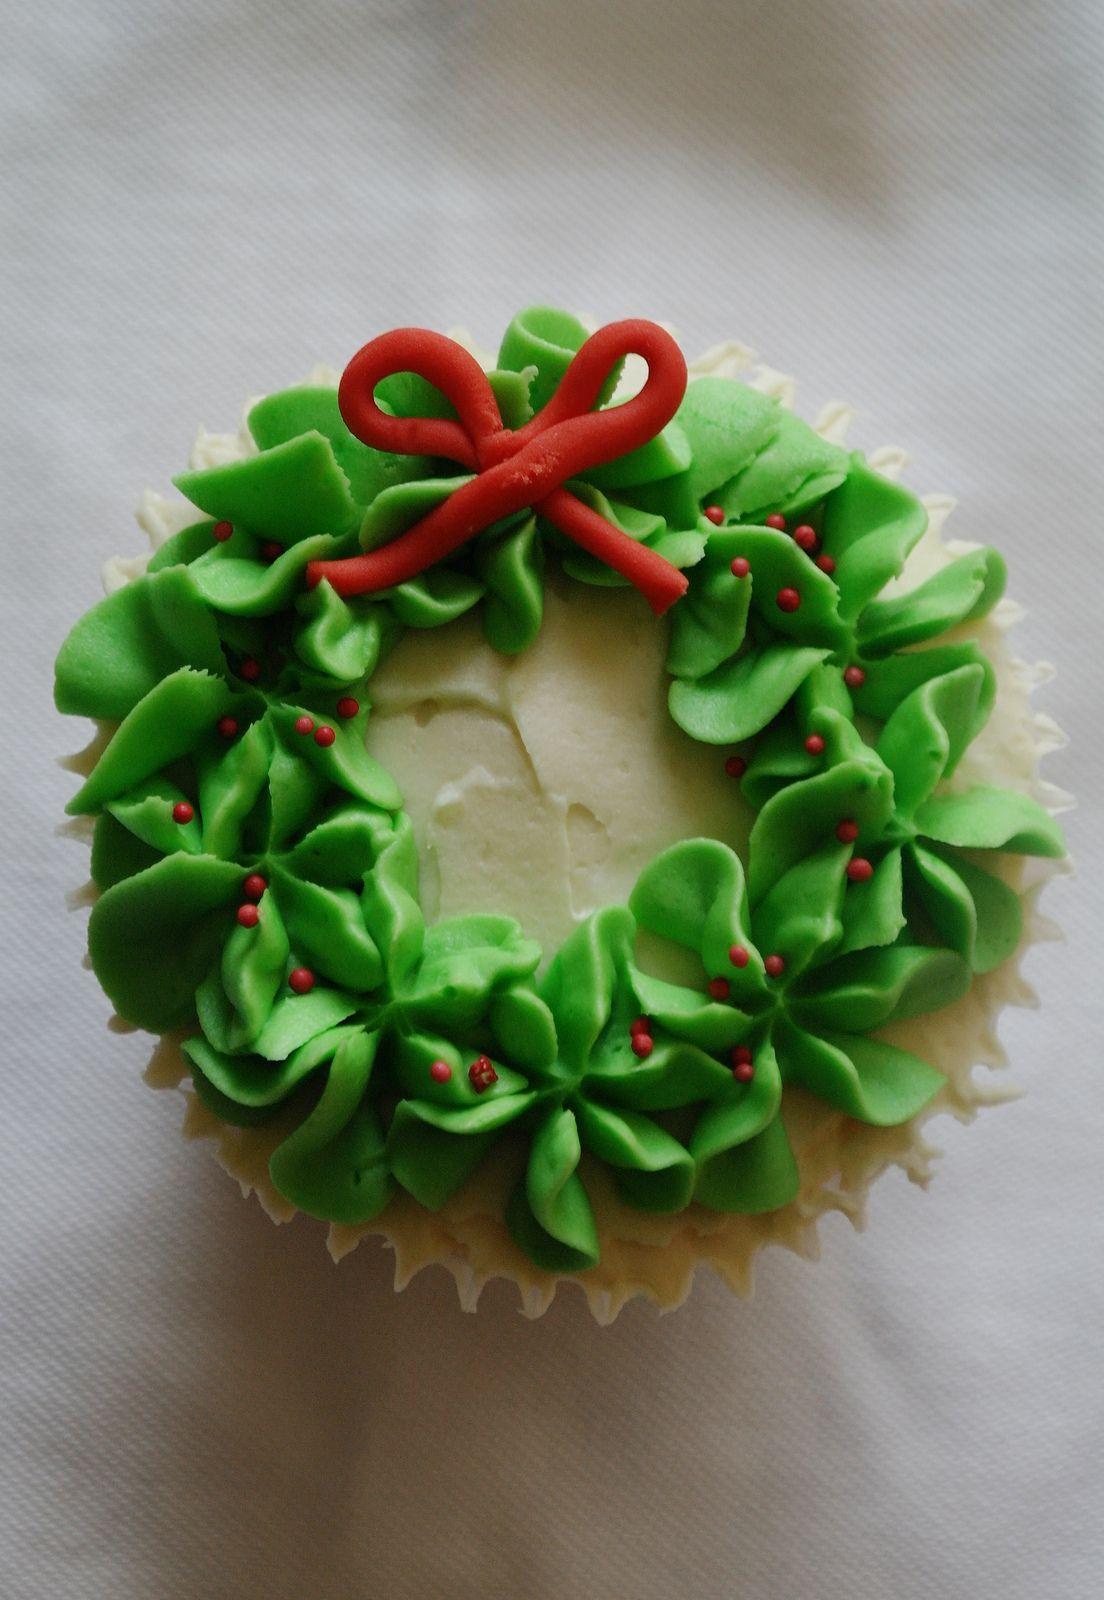 christmastreatschristmascupcakeschristmaswreaths christmas wreath cupcake